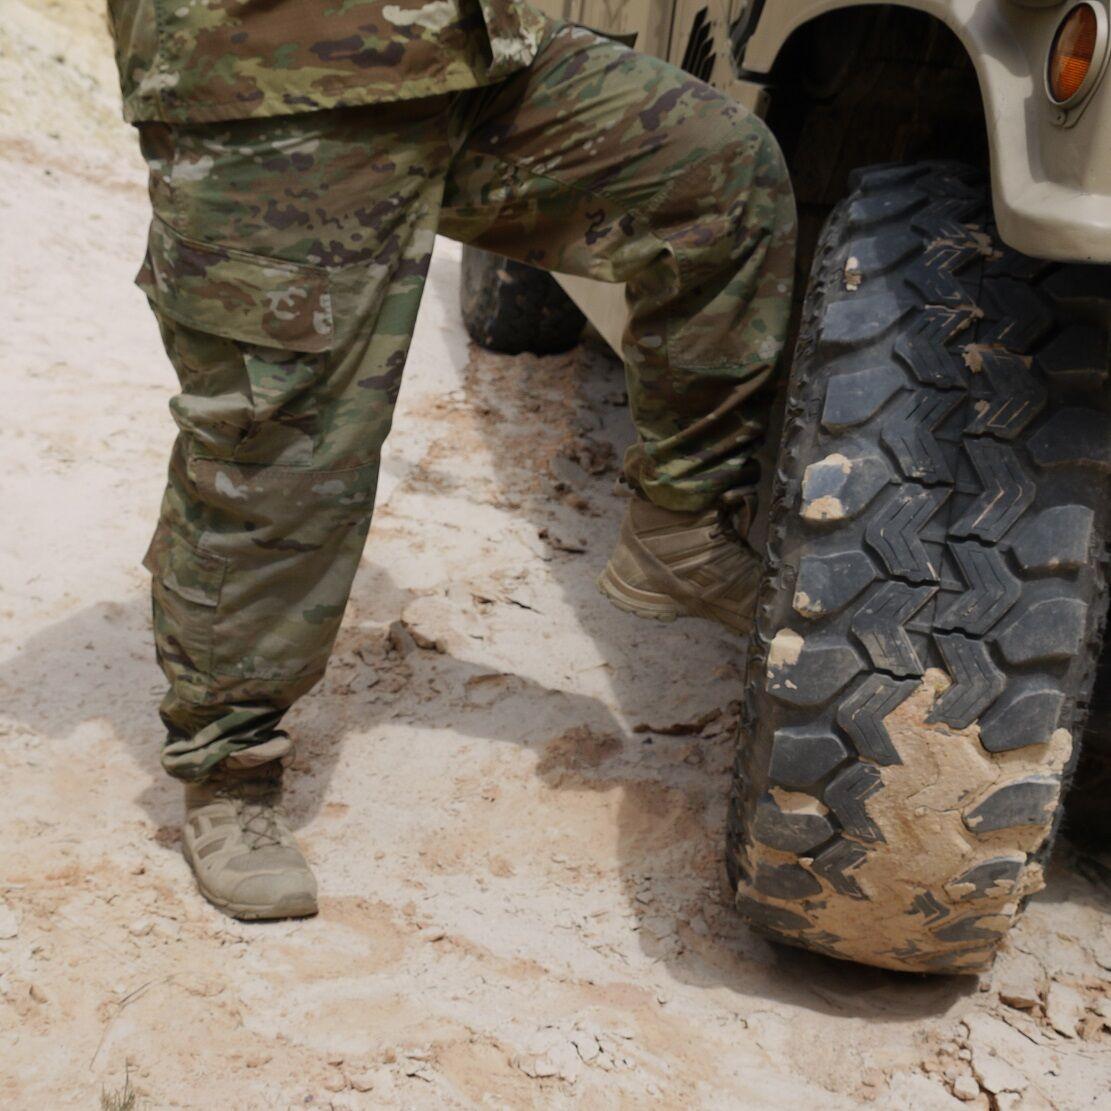 Los  E.E.U.U. ejército OCP ACU escorpión W2 combate camuflaje pantalones camuflaje pantalones medio X cortos pantalones  grandes precios de descuento